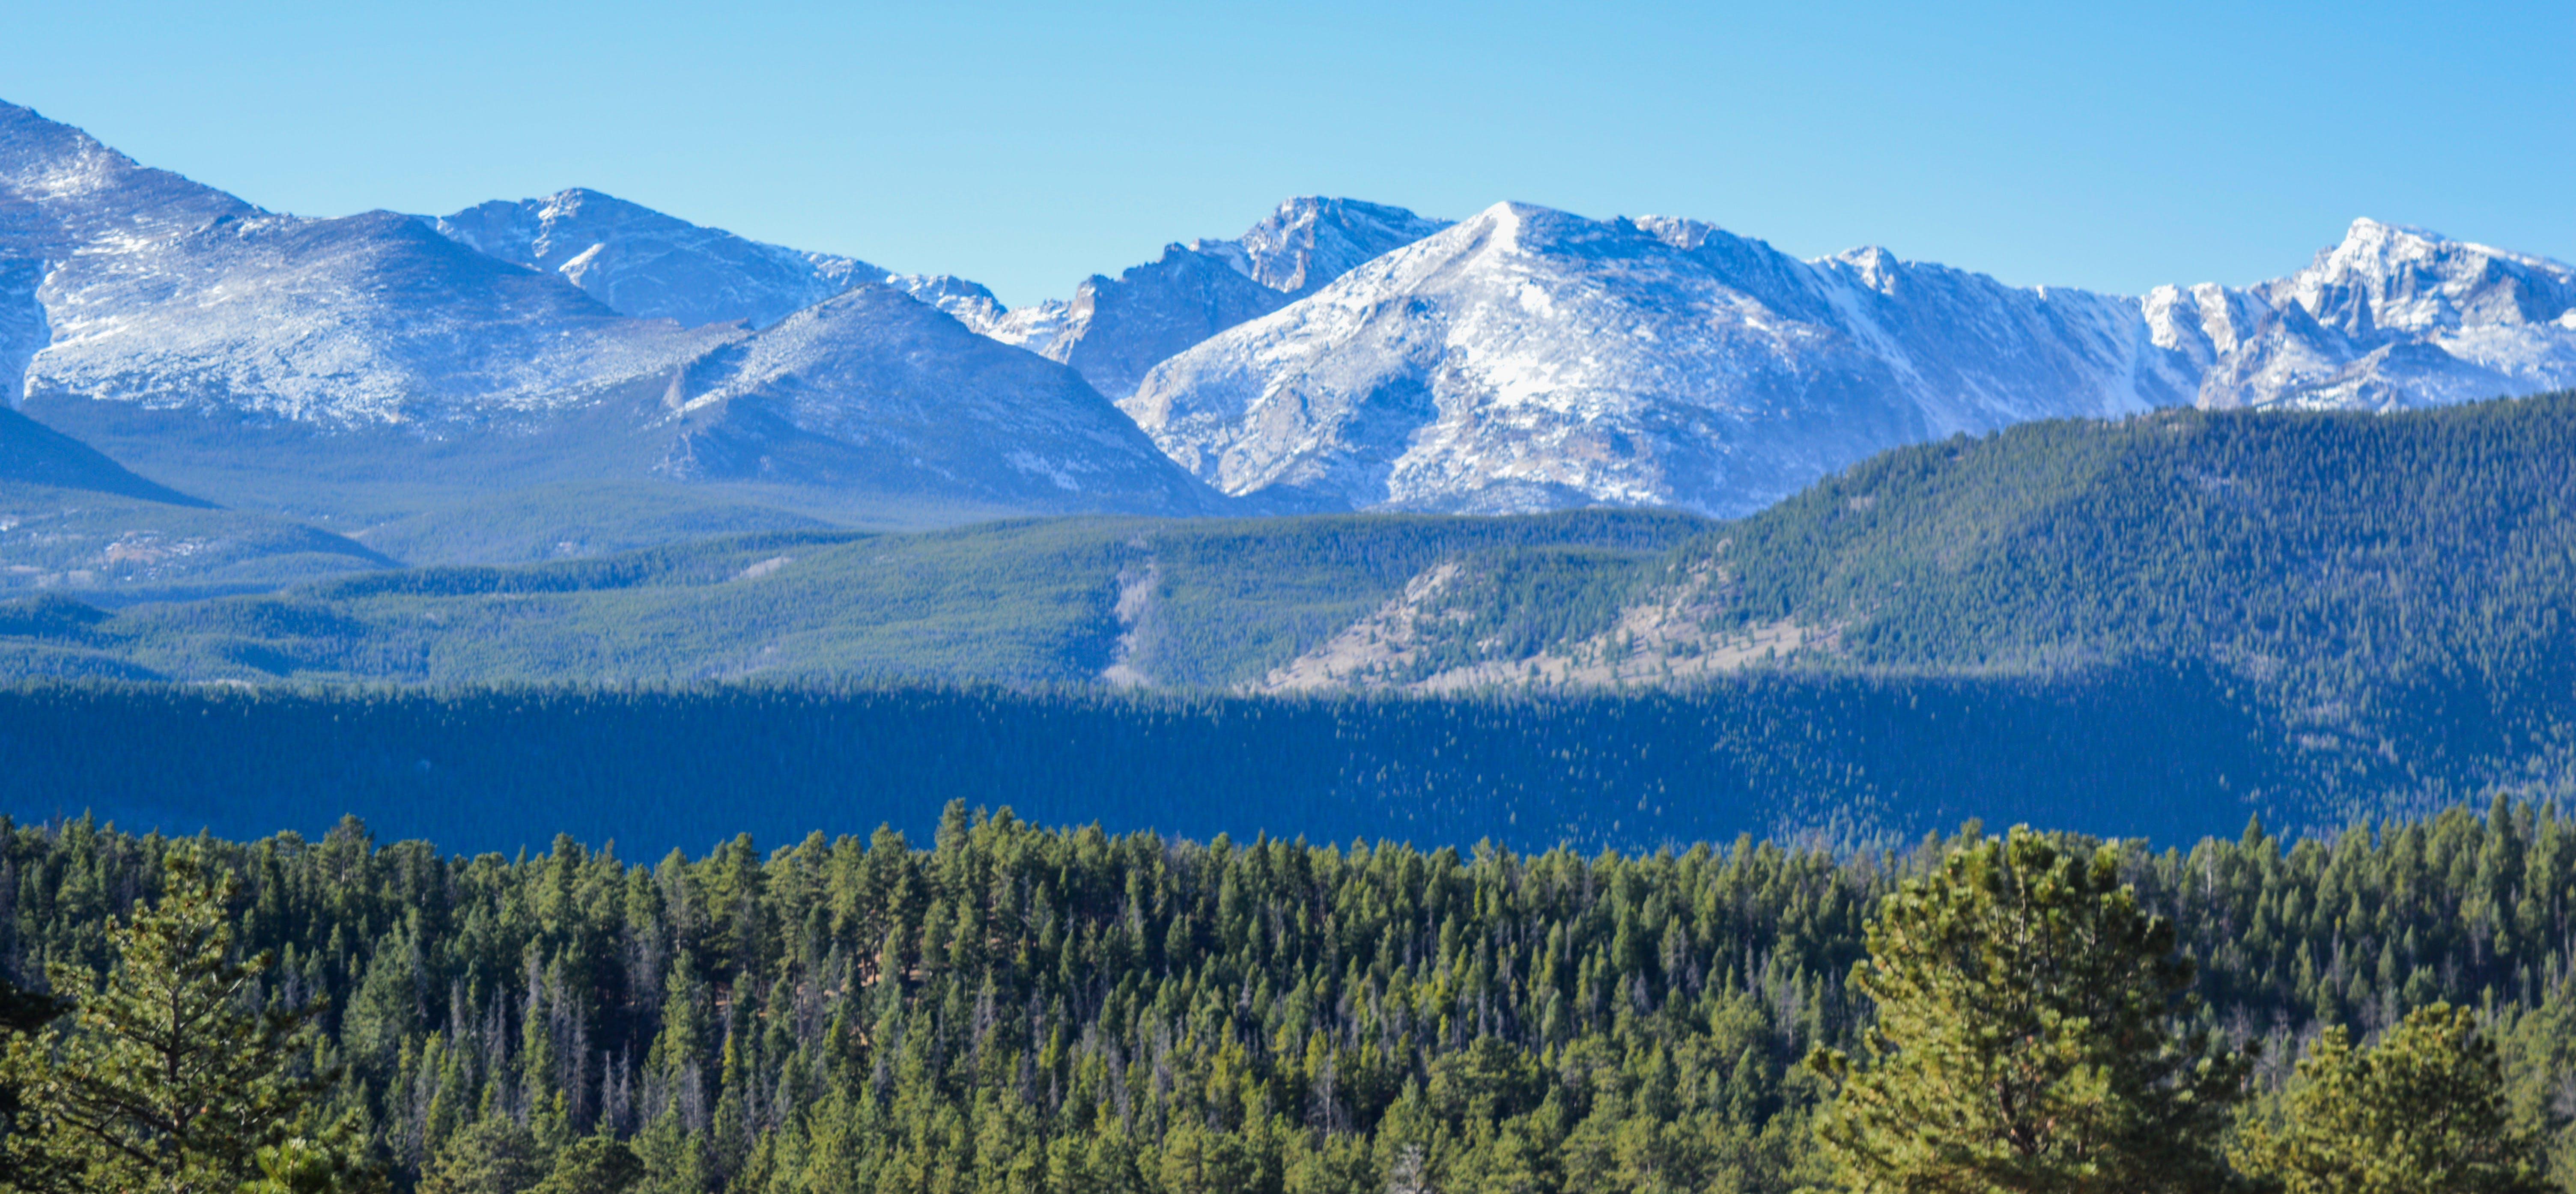 Foto stok gratis alam, berbatu, hijau, hutan